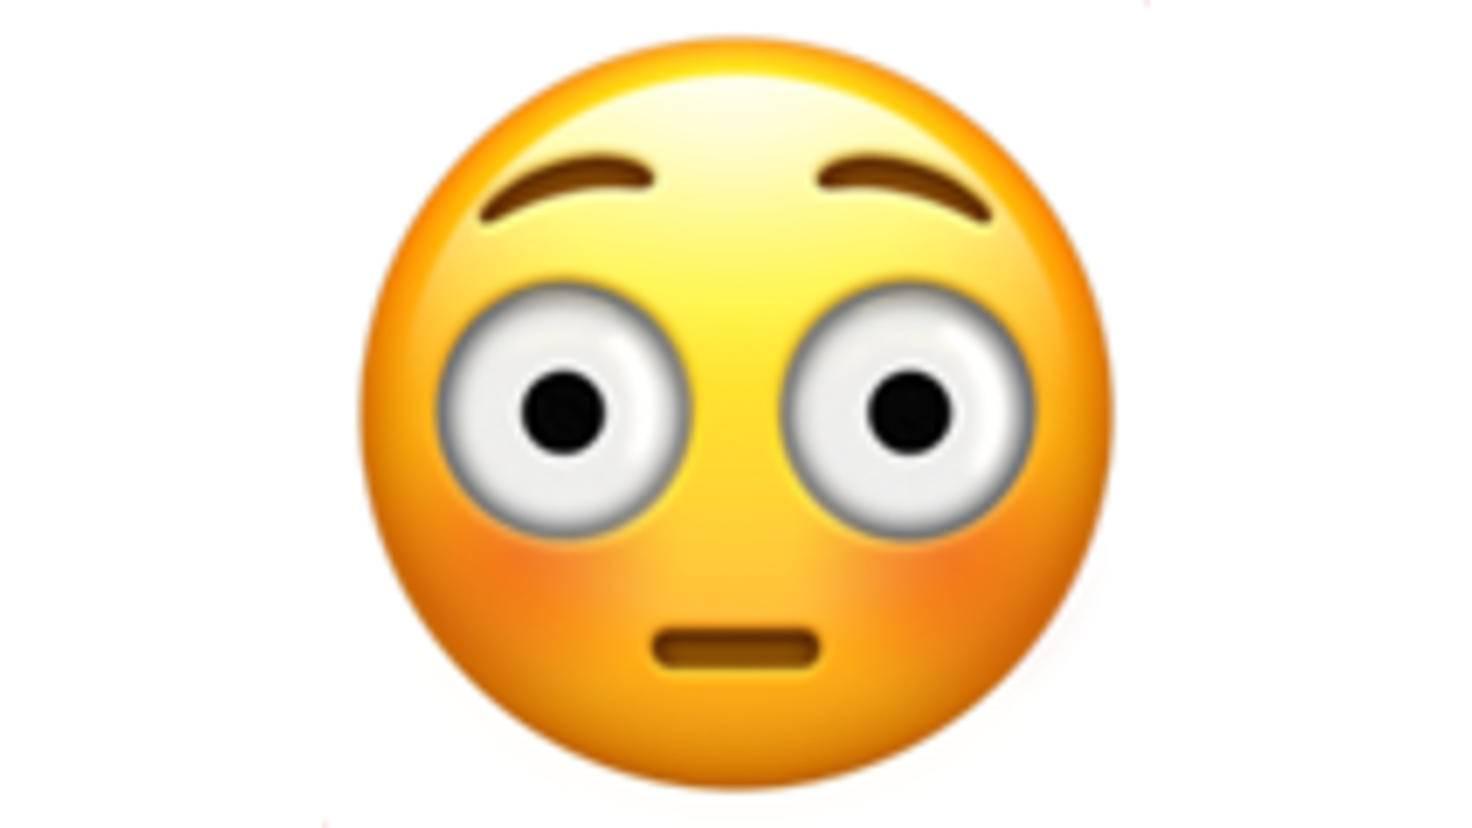 Peinlich-Emoji